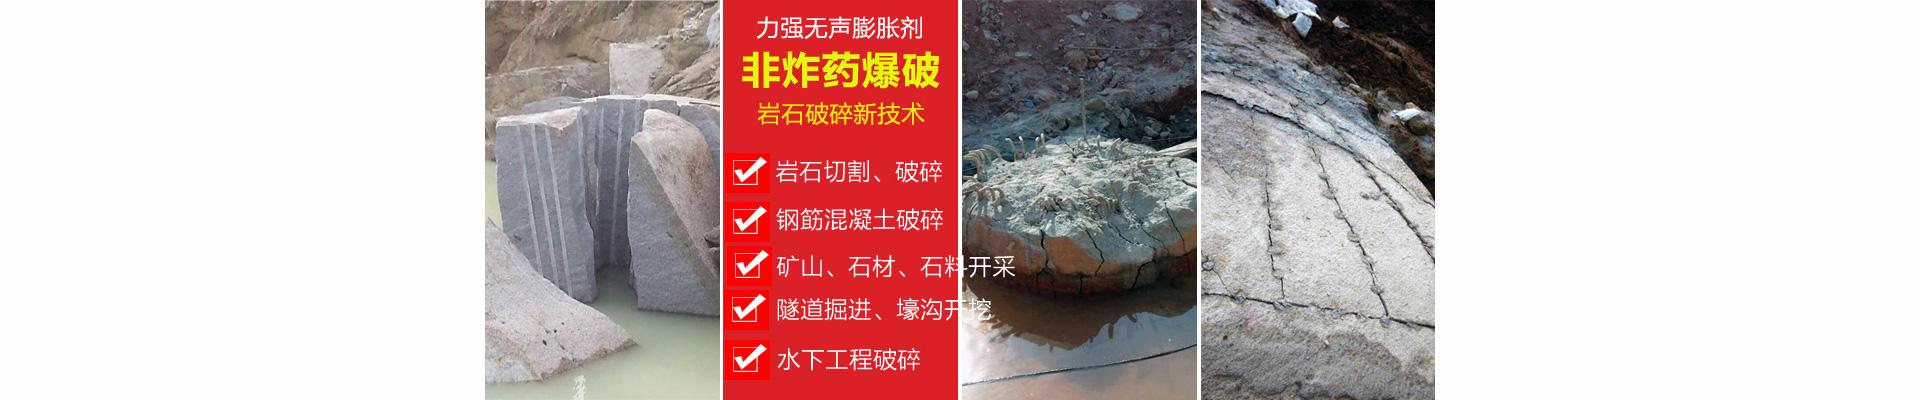 安溪博力石材工具有限公司